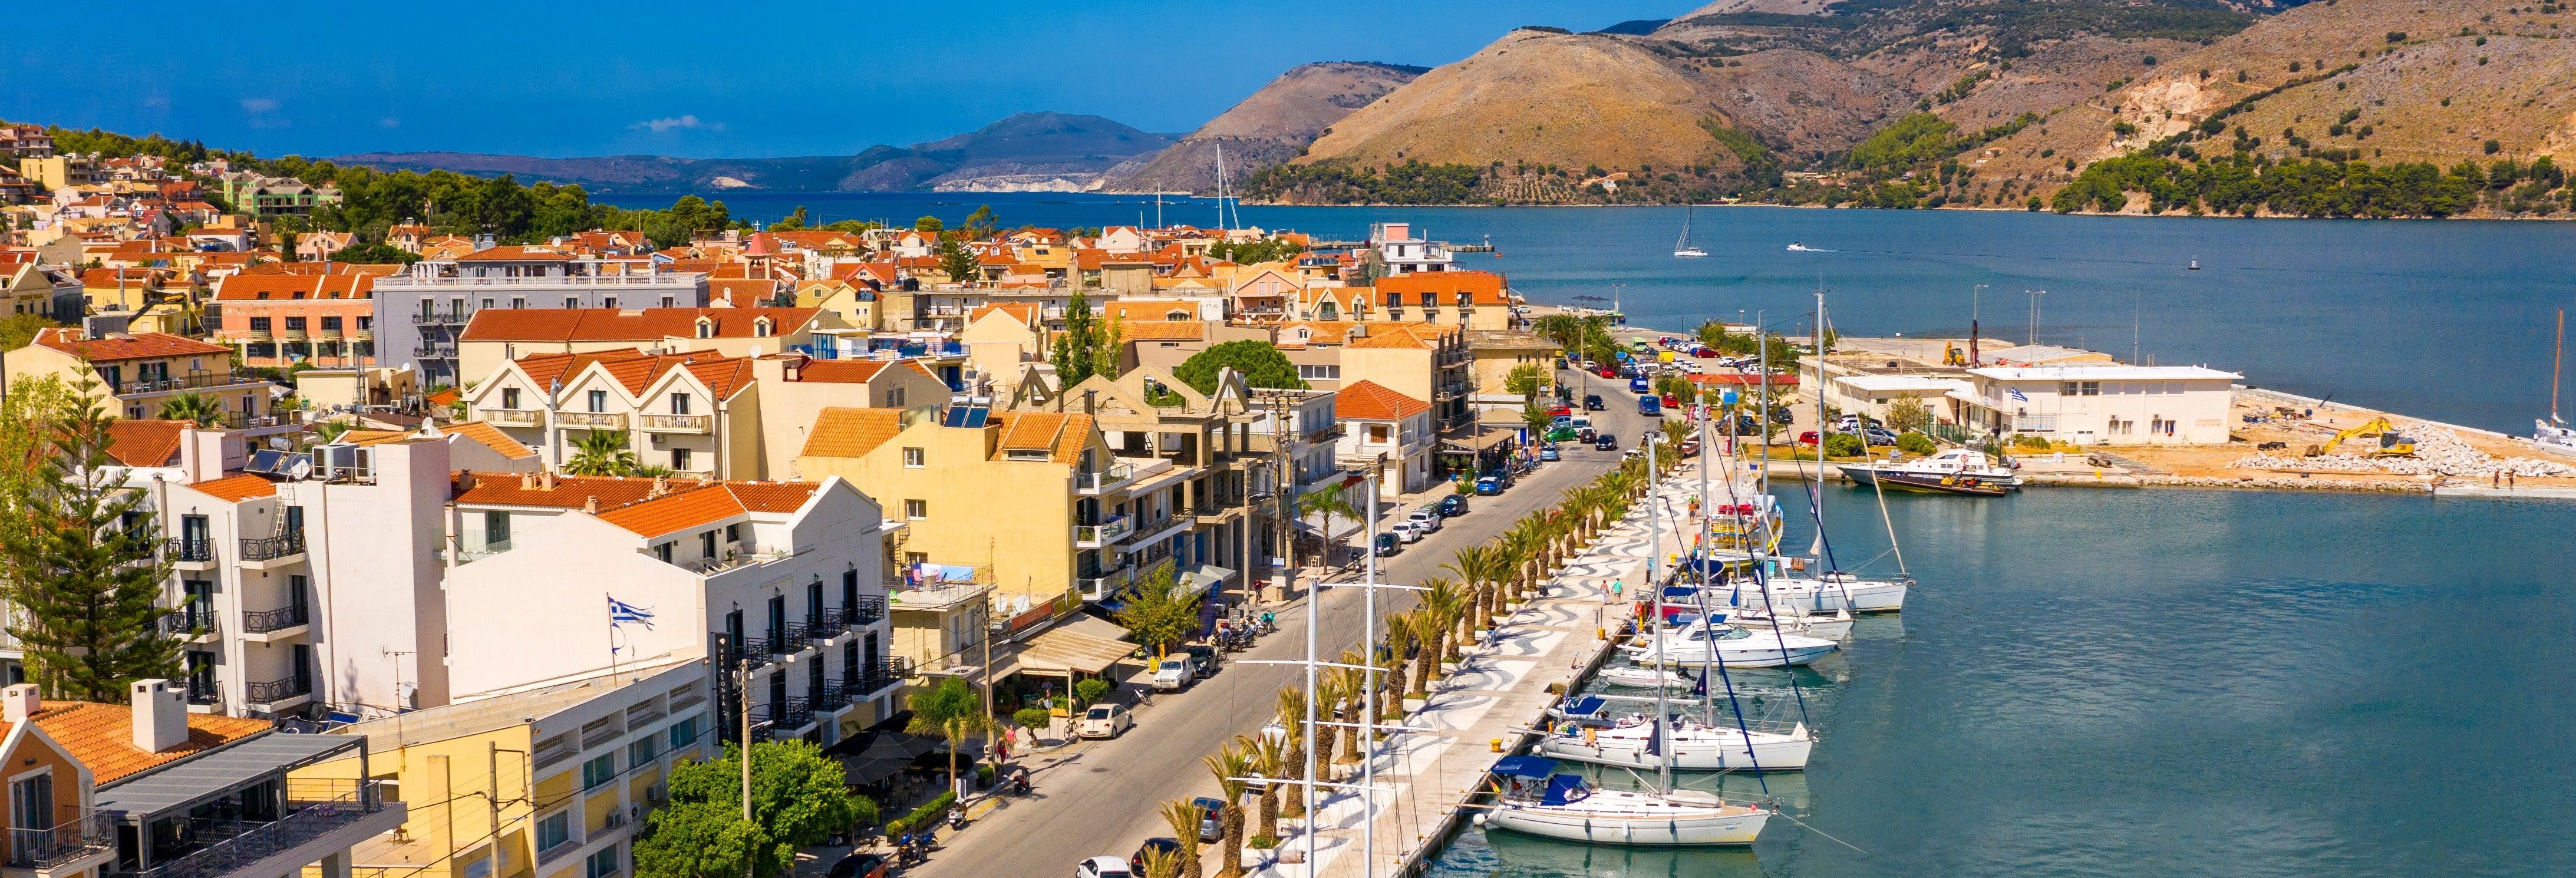 Crucero por la costa de Argostoli